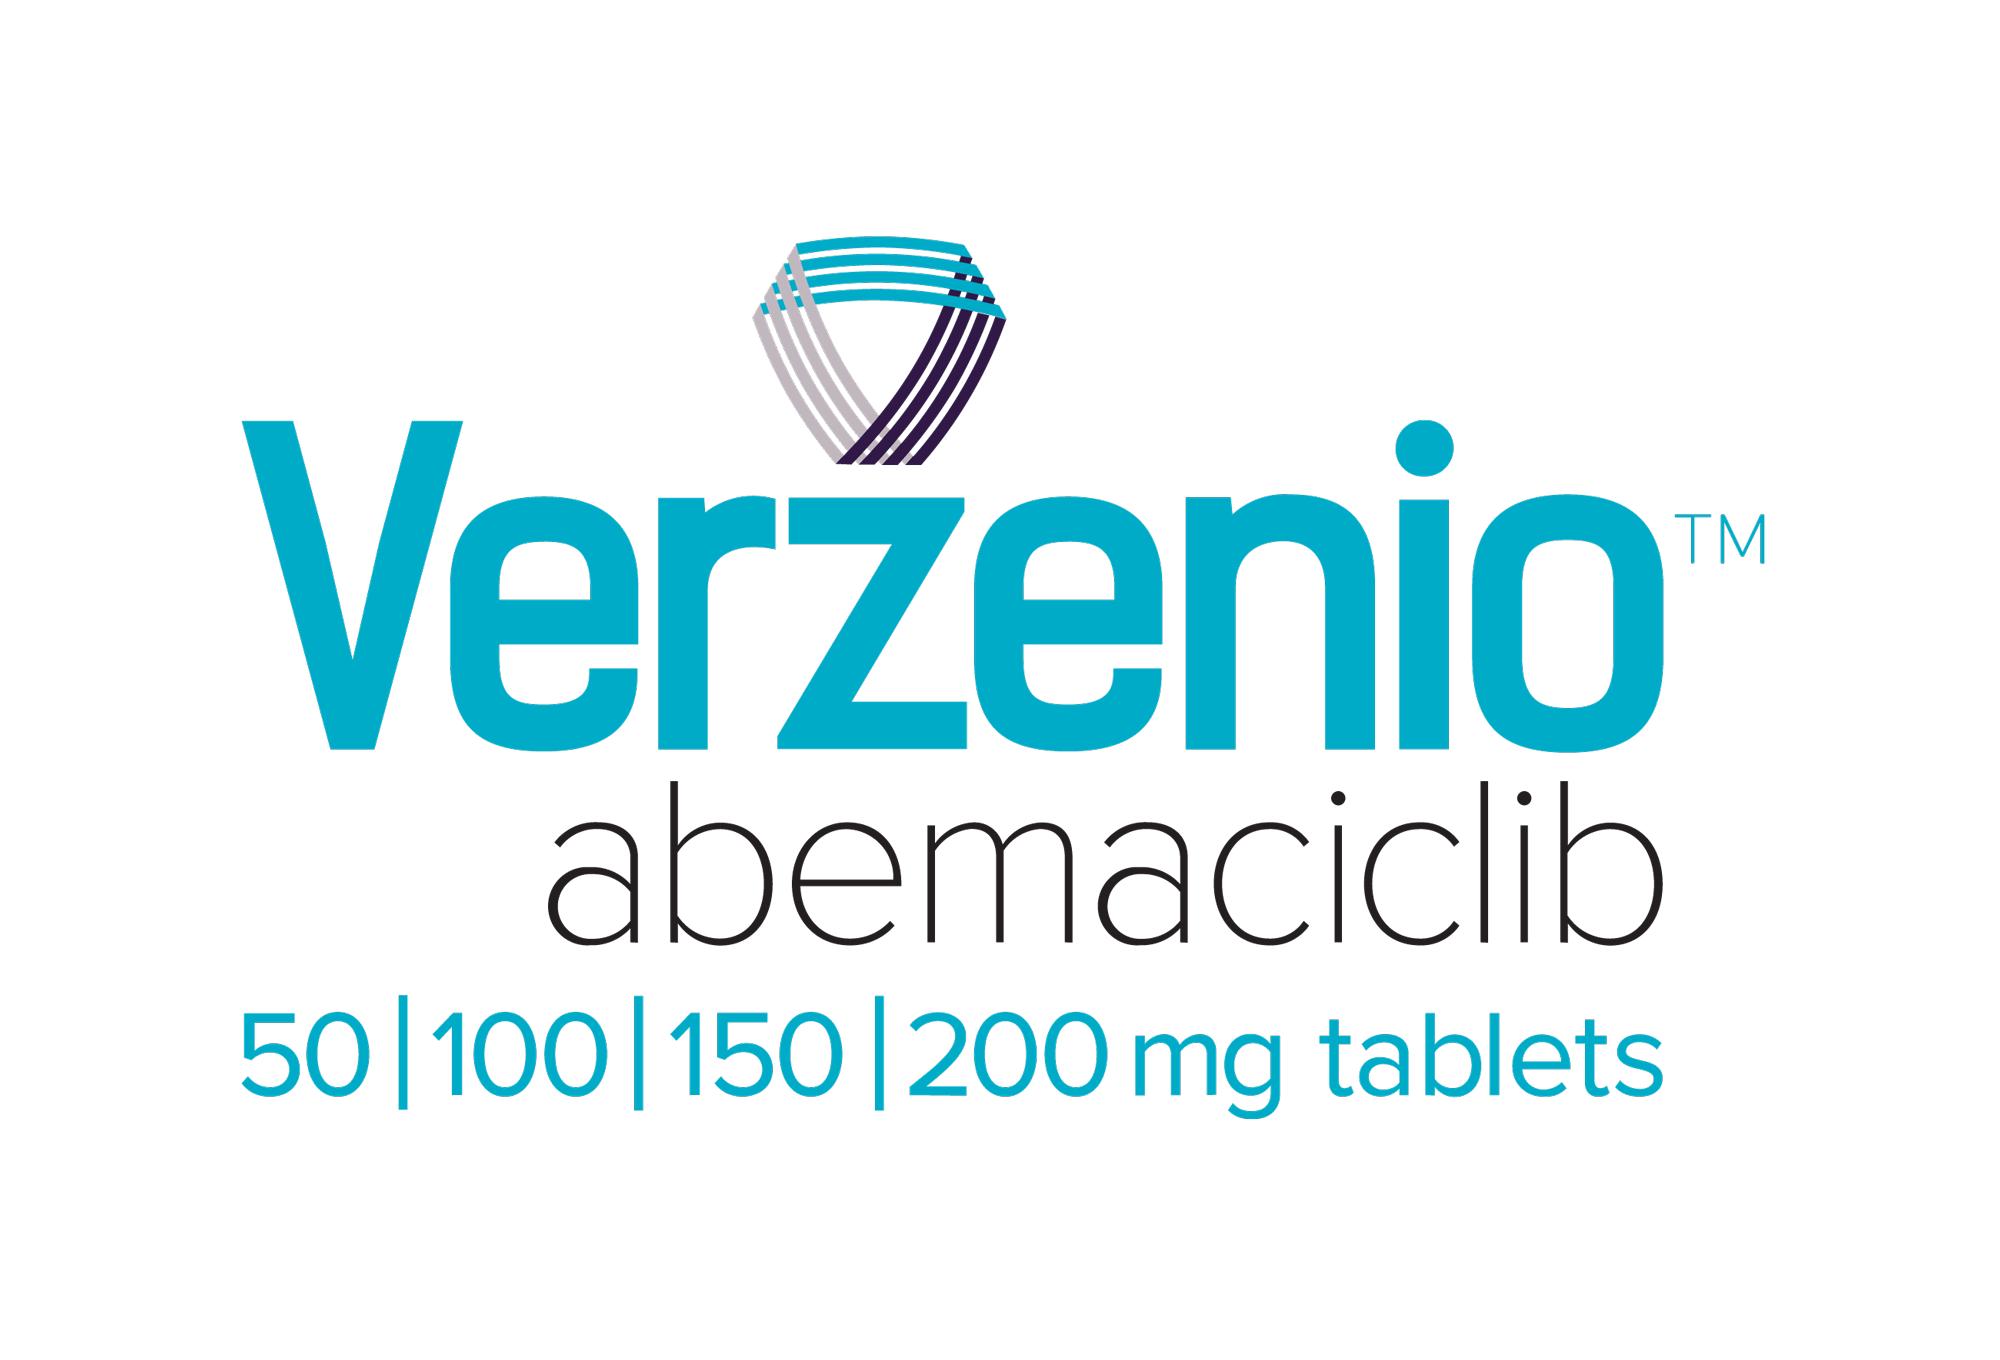 «Верзенио» (Verzenio, абемациклиб).